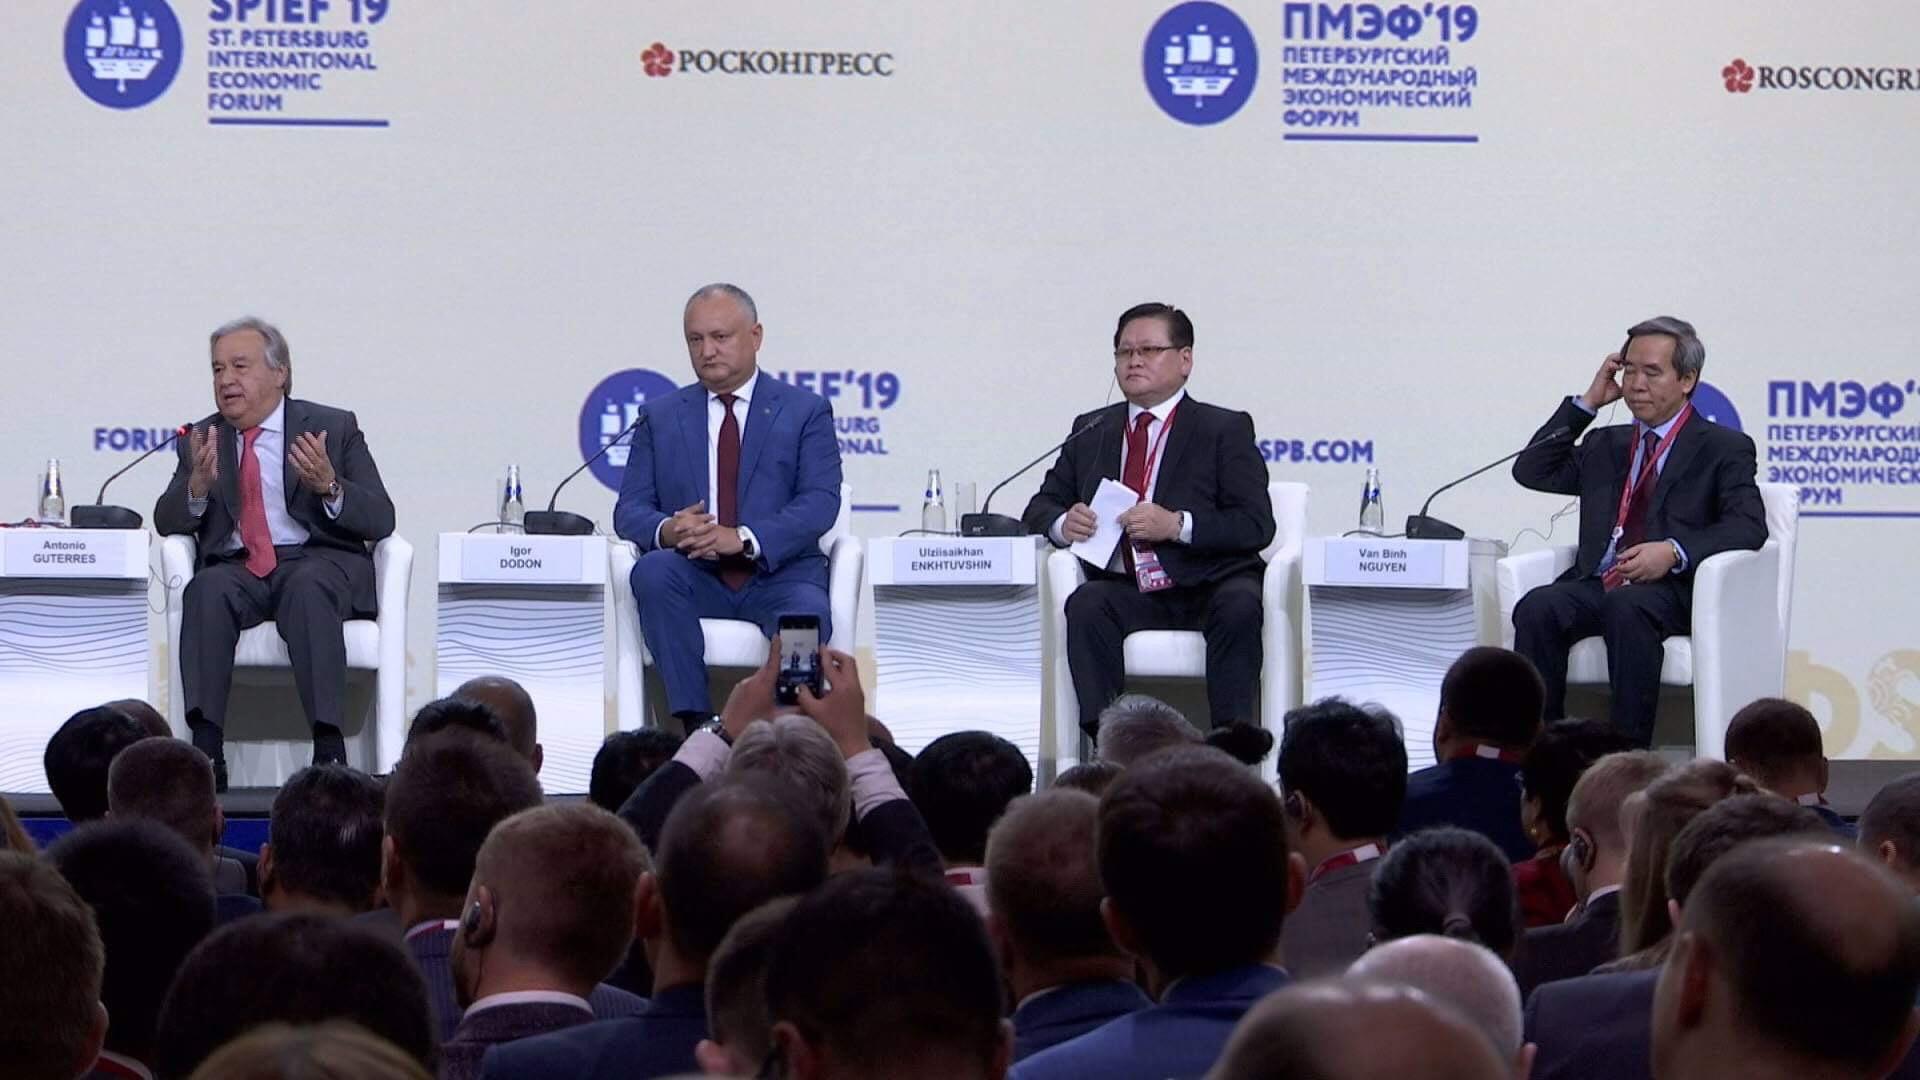 Шадар сайд Ө.Энхтүвшин Санкт-Петербургийн эдийн засгийн форумд оролцов